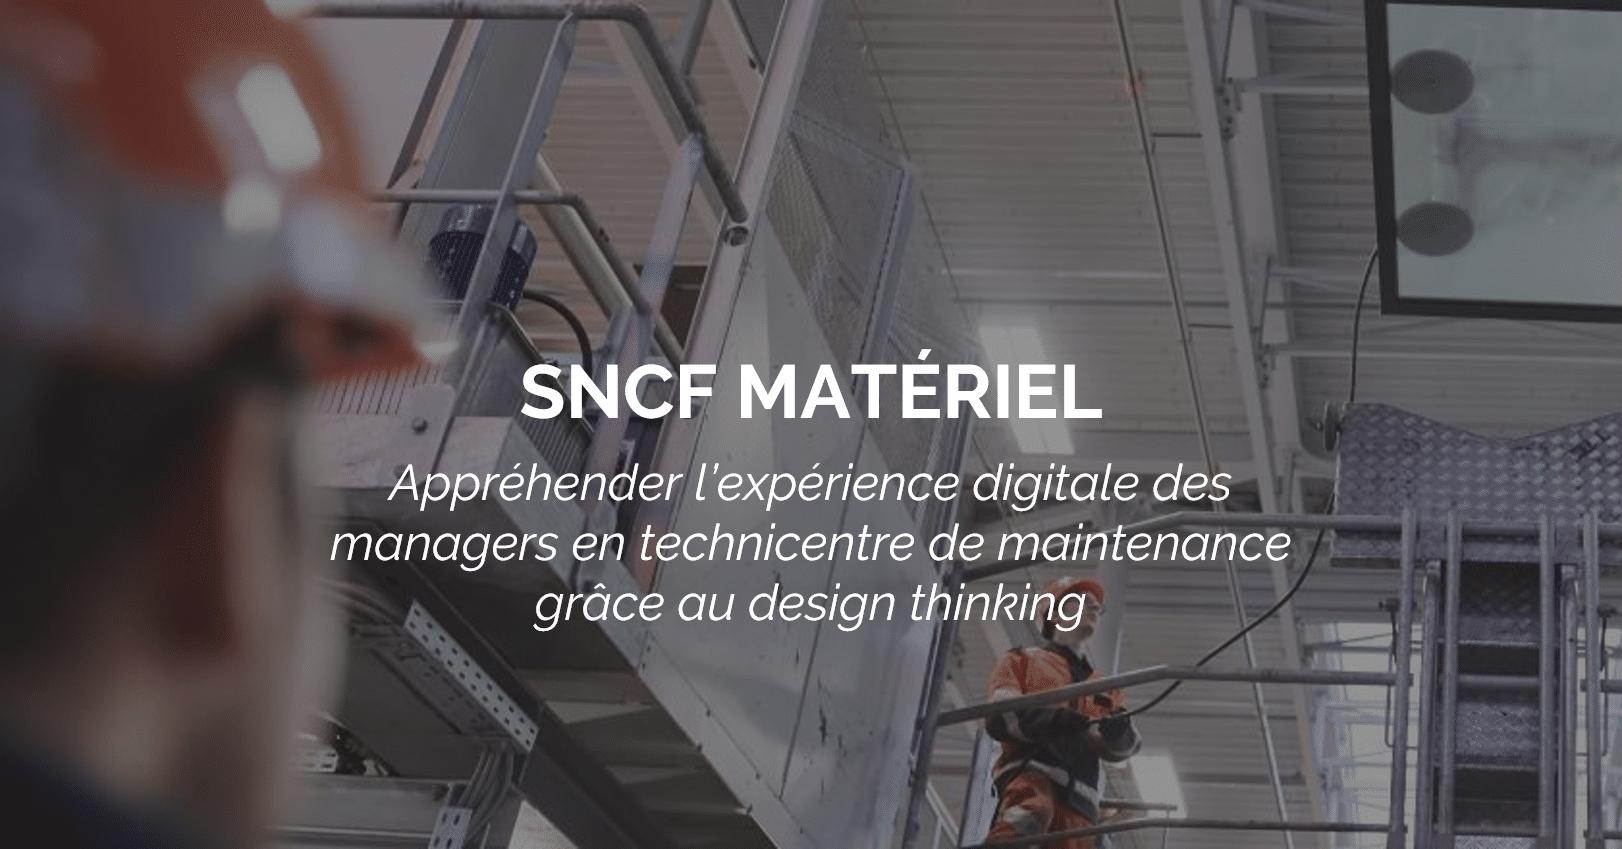 SNCF-Matériel-Design-Thinking